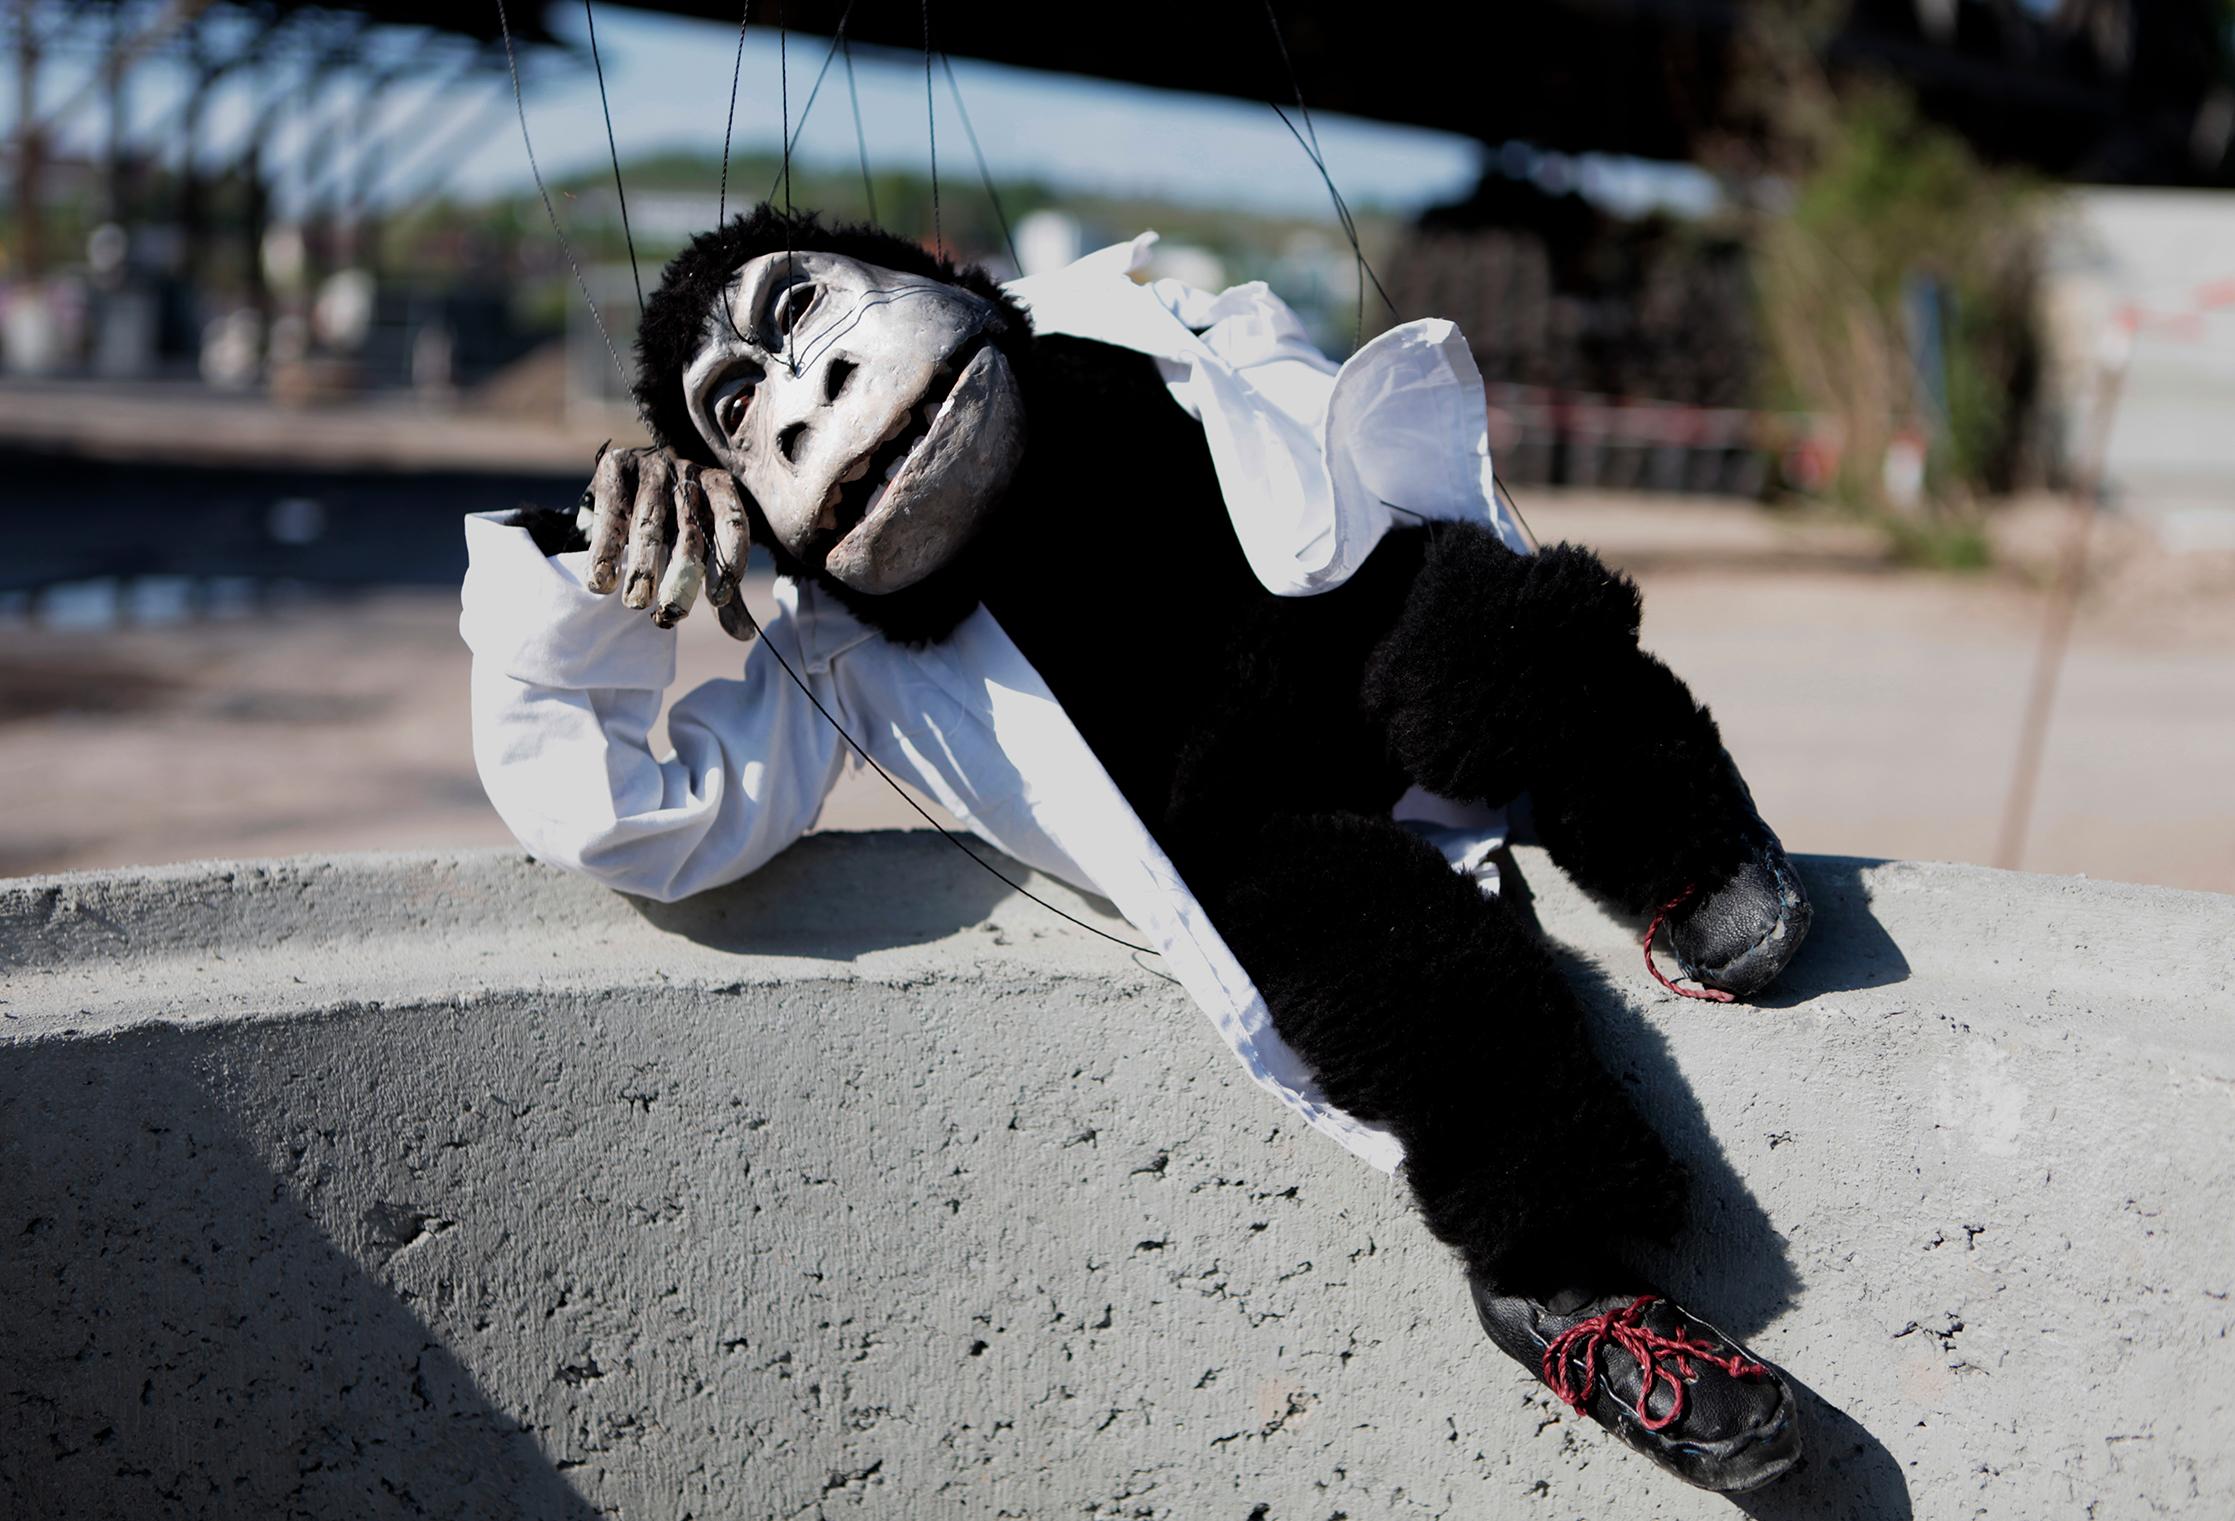 el mono sapiens, der Denker